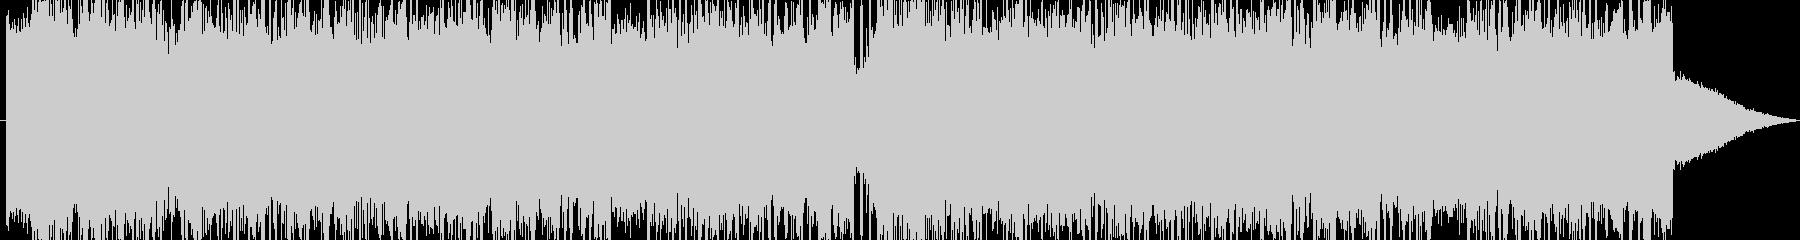 かなりハードなヘヴィメタルの未再生の波形